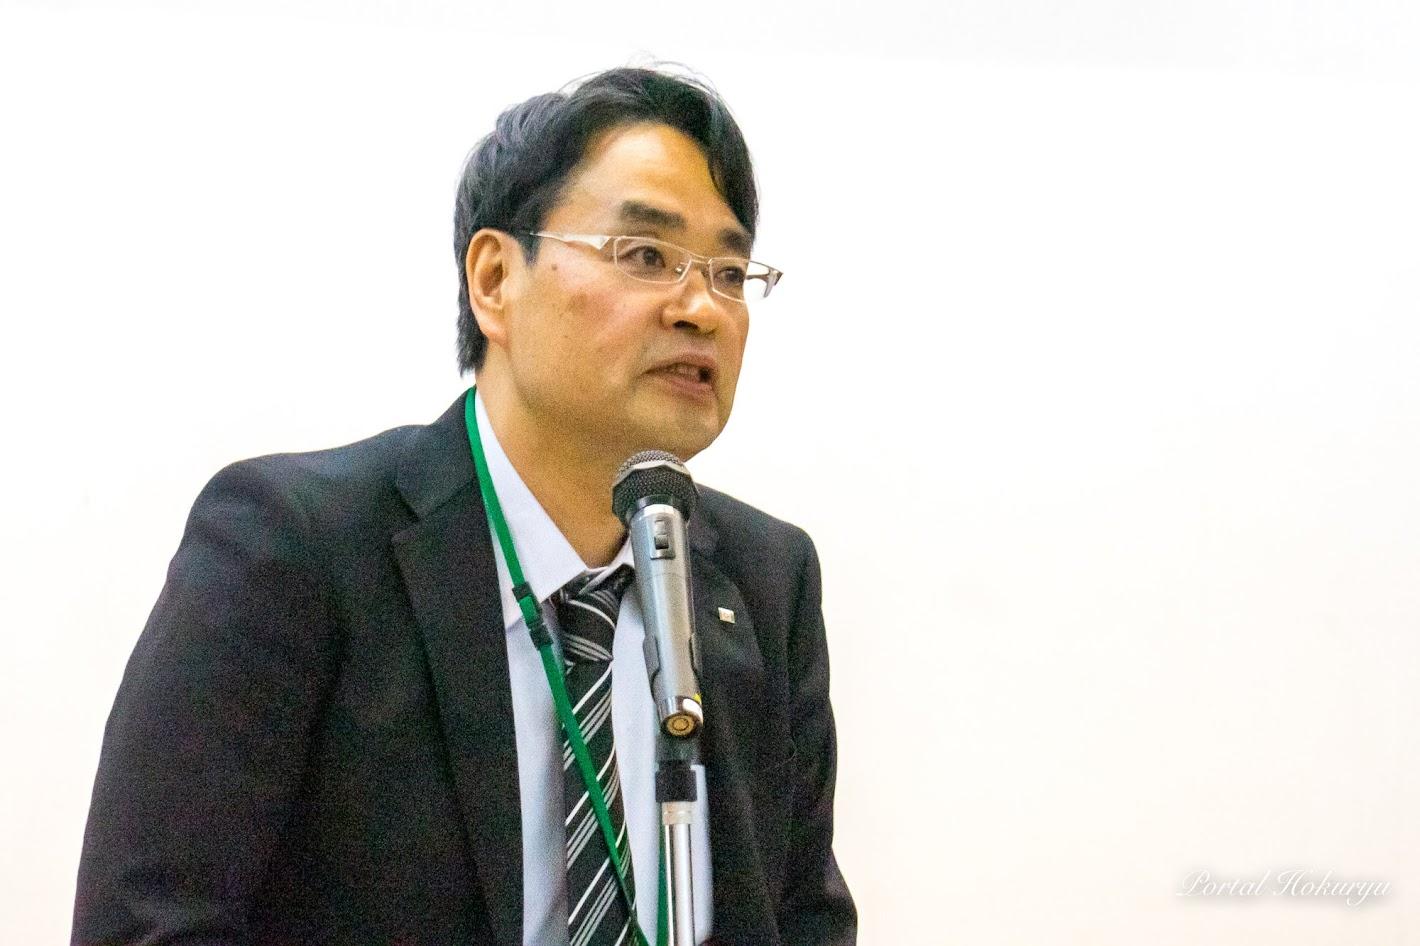 空知総合振興局産業振興部調整課・田中伸彦 課長